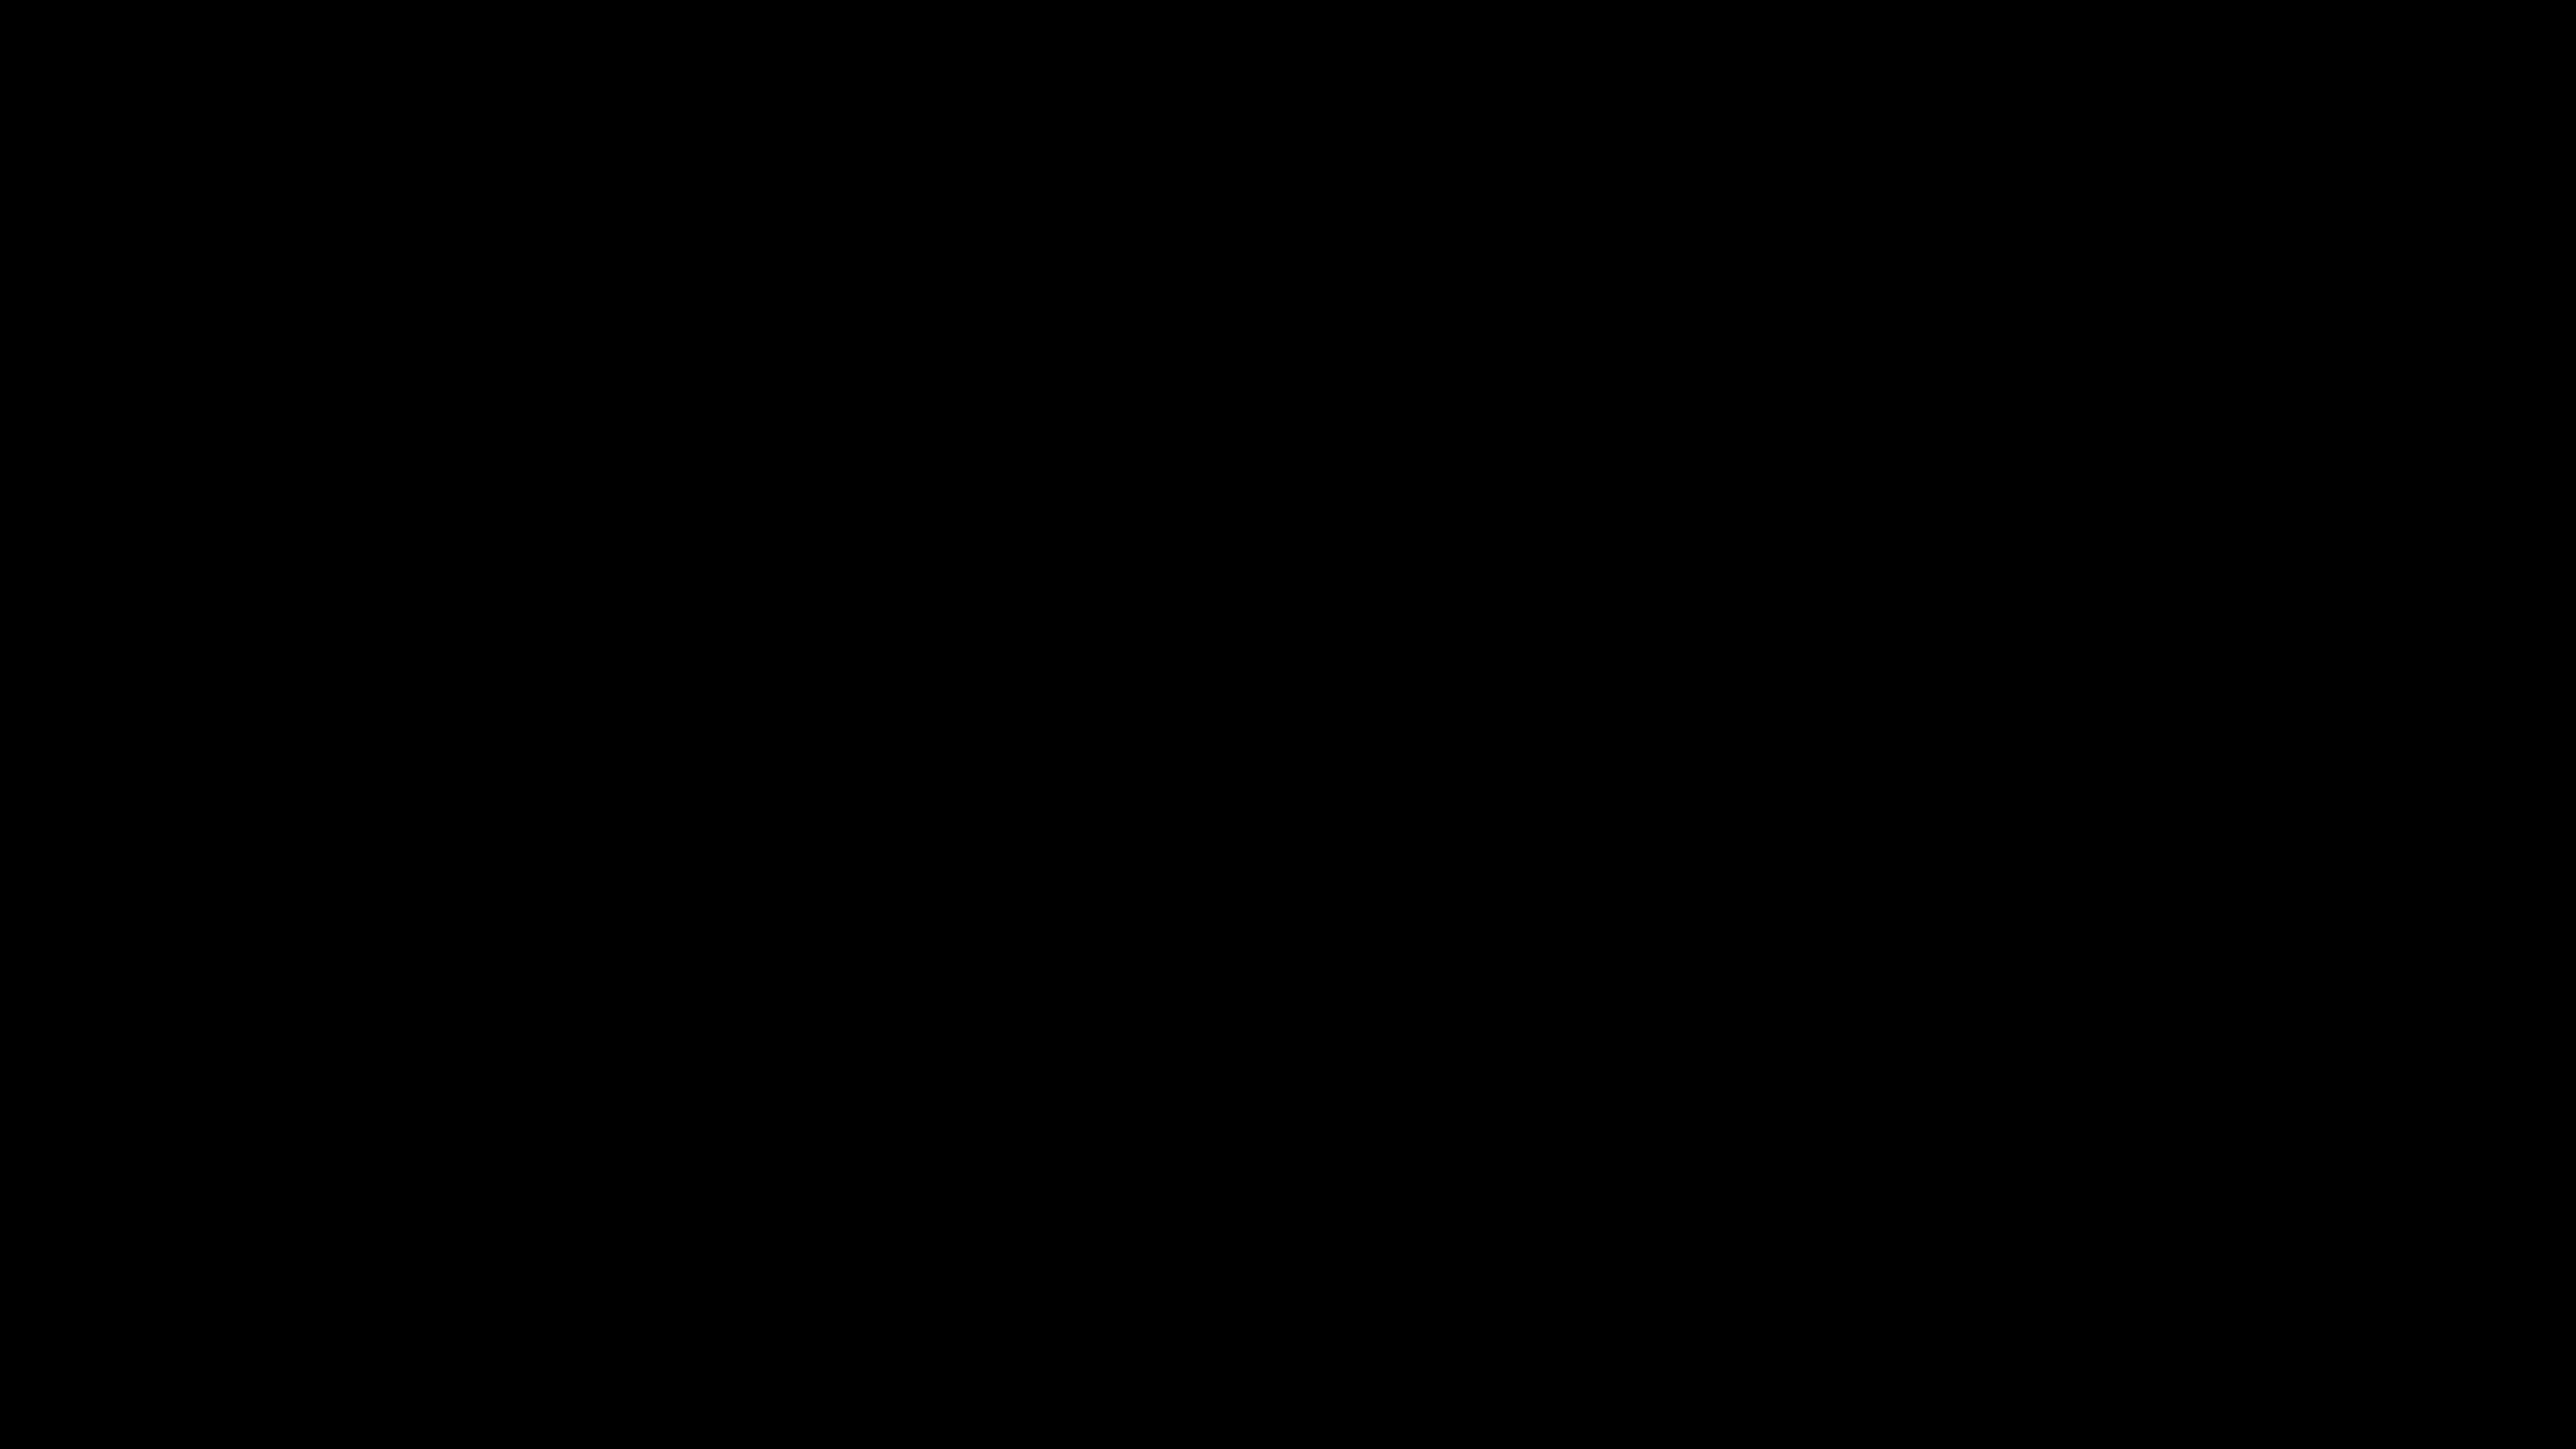 Як працює Admixer ID